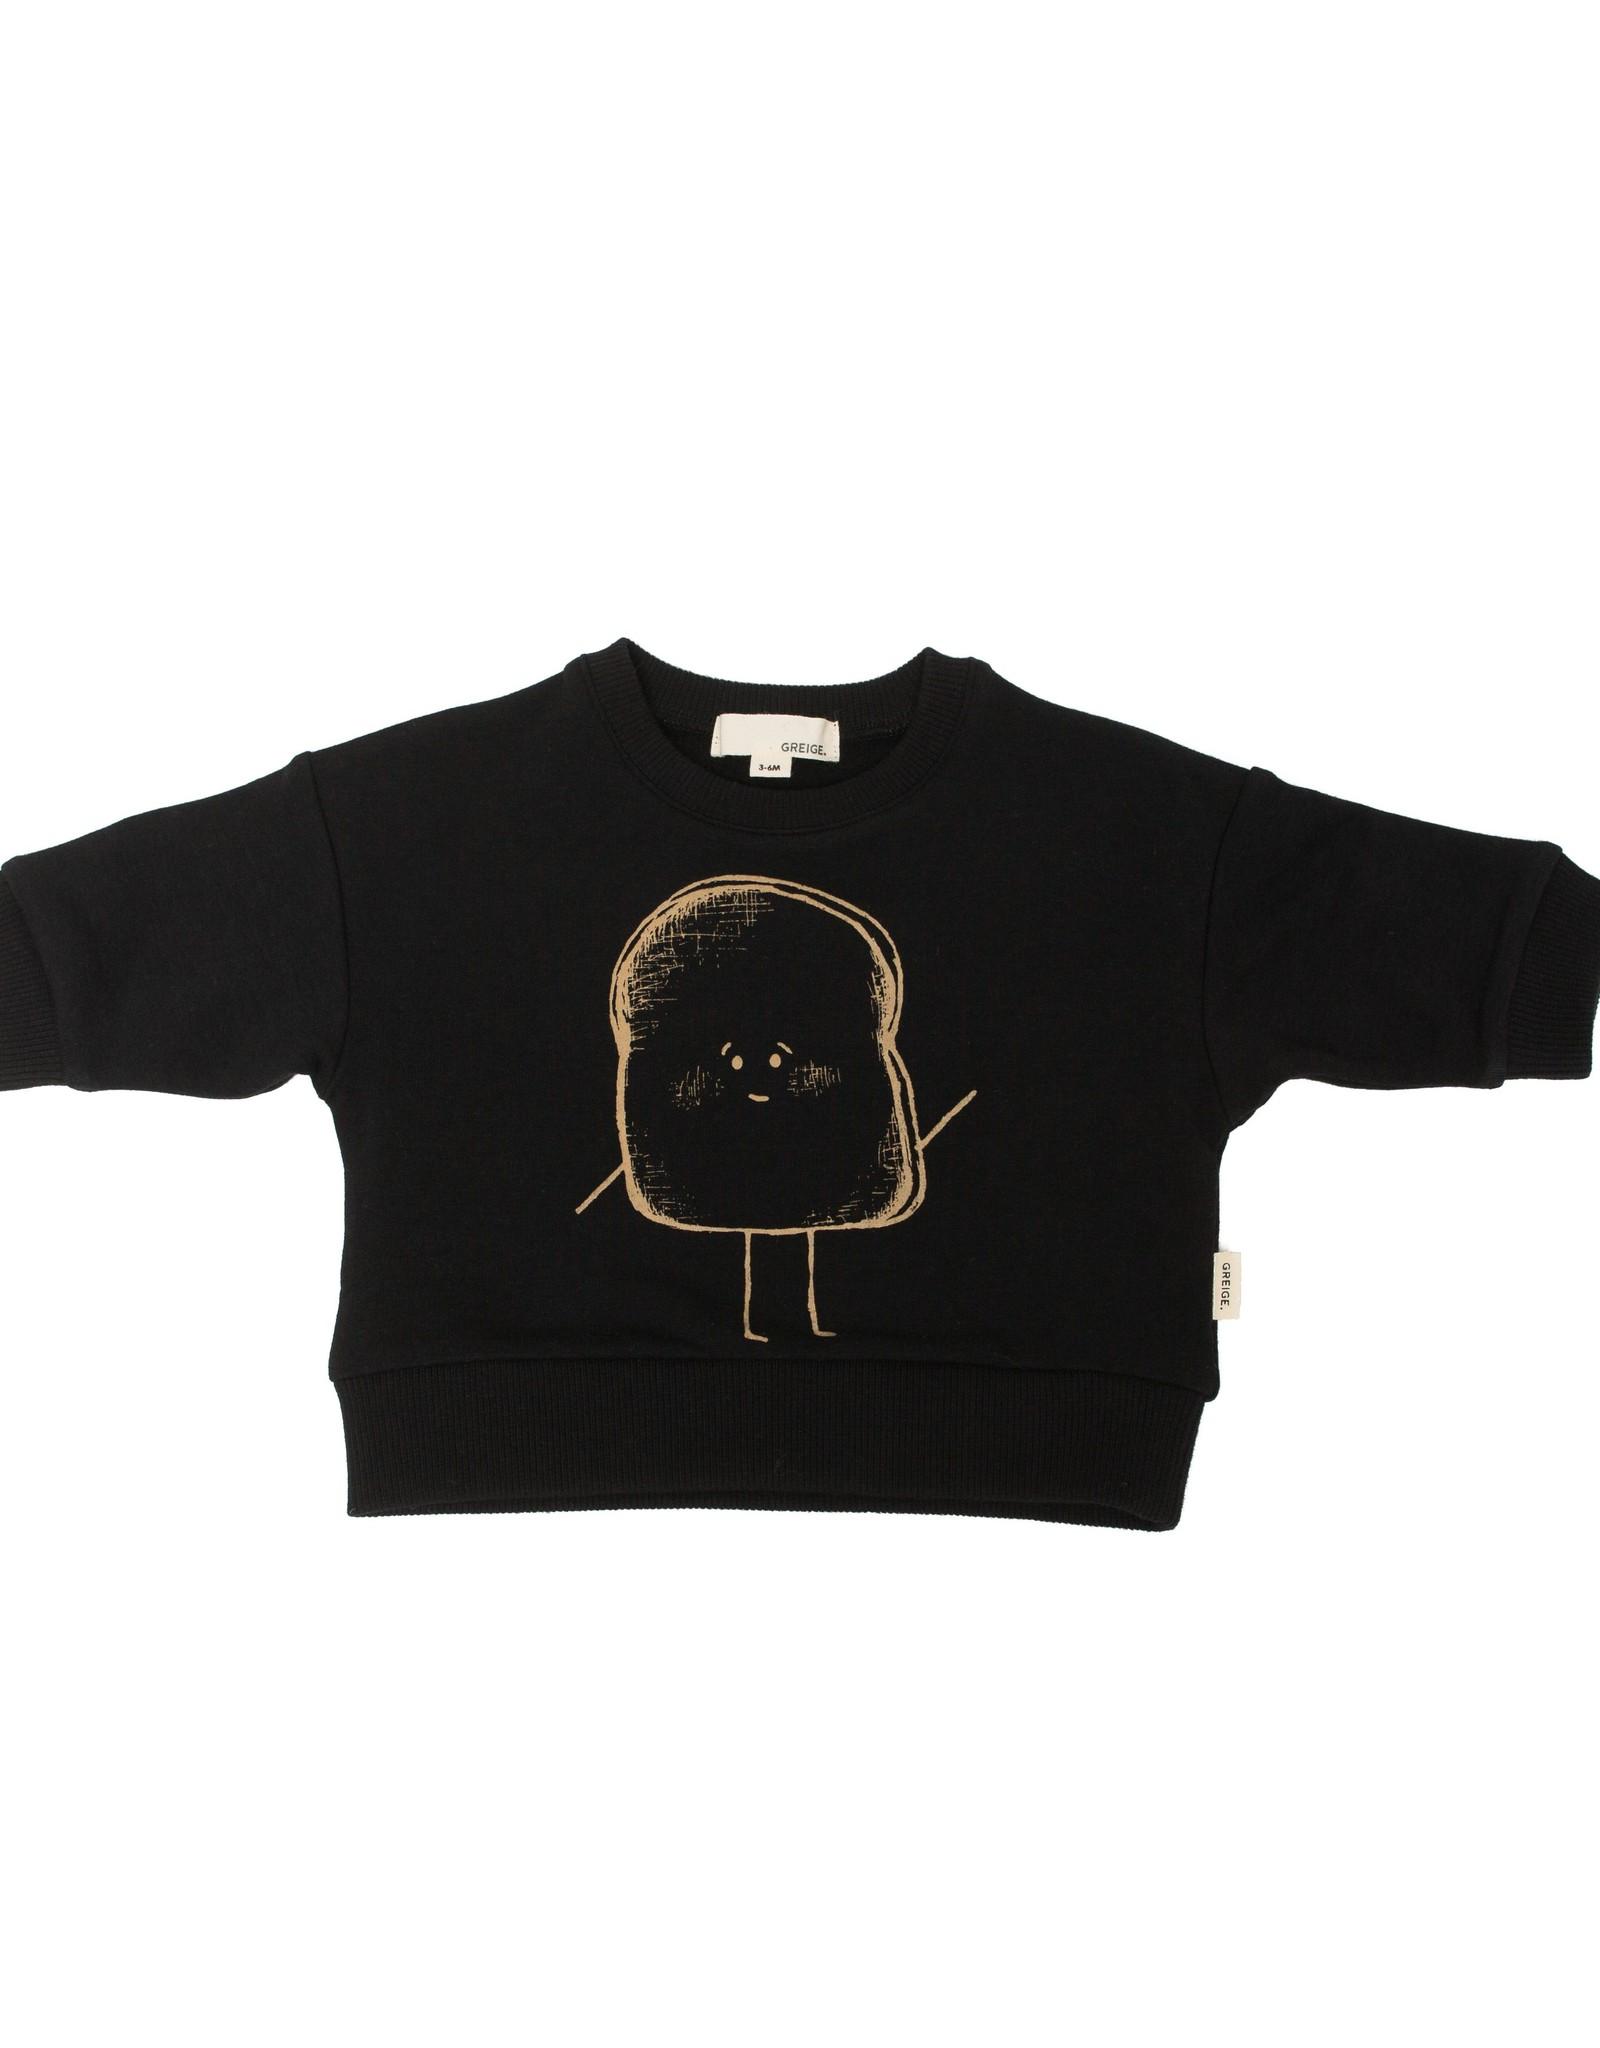 Greige FA20 Black Toast Sweatshirt